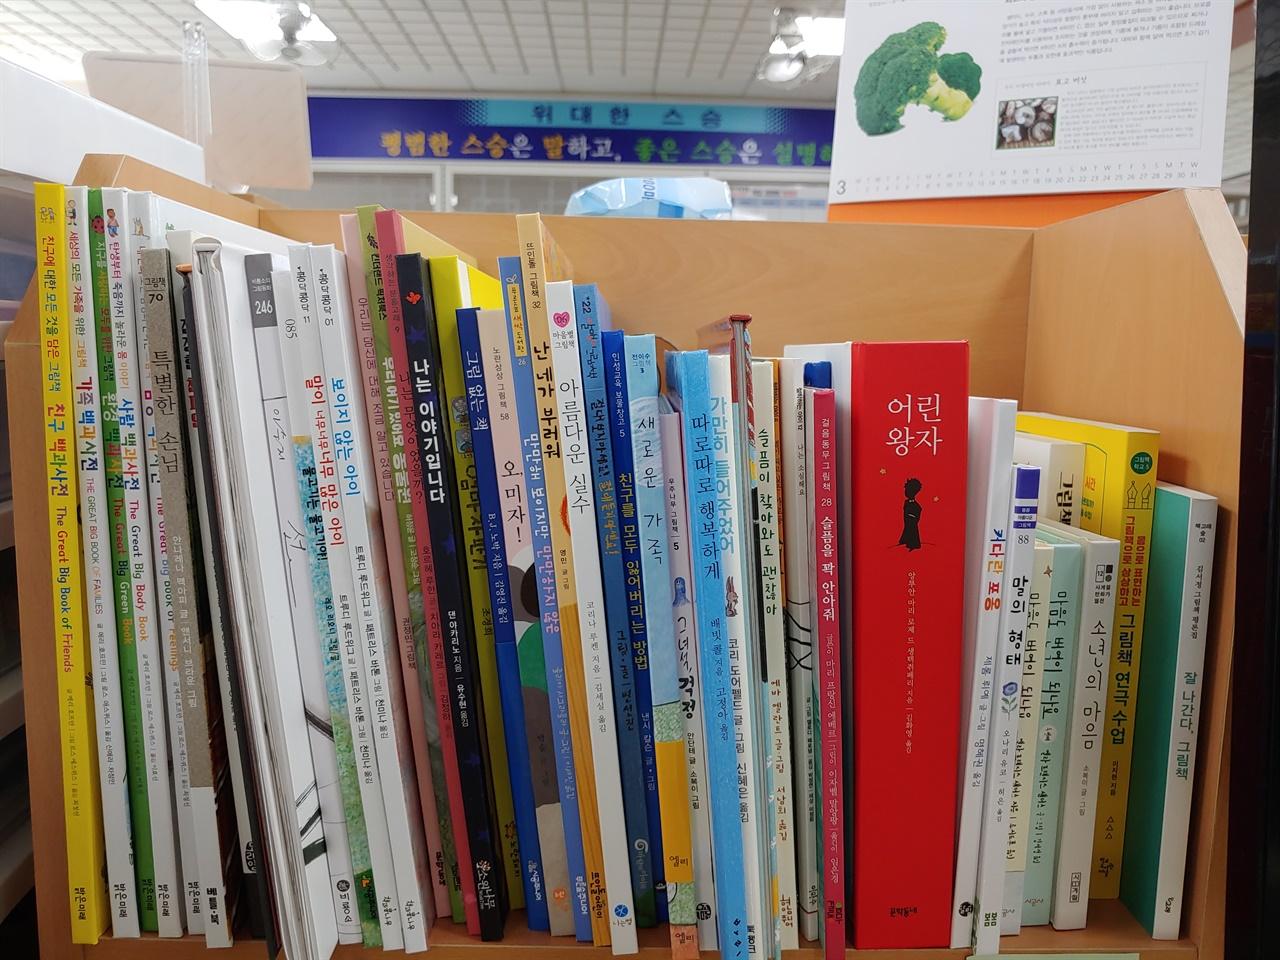 교무실 자리에 꽂아 둔 그림책들